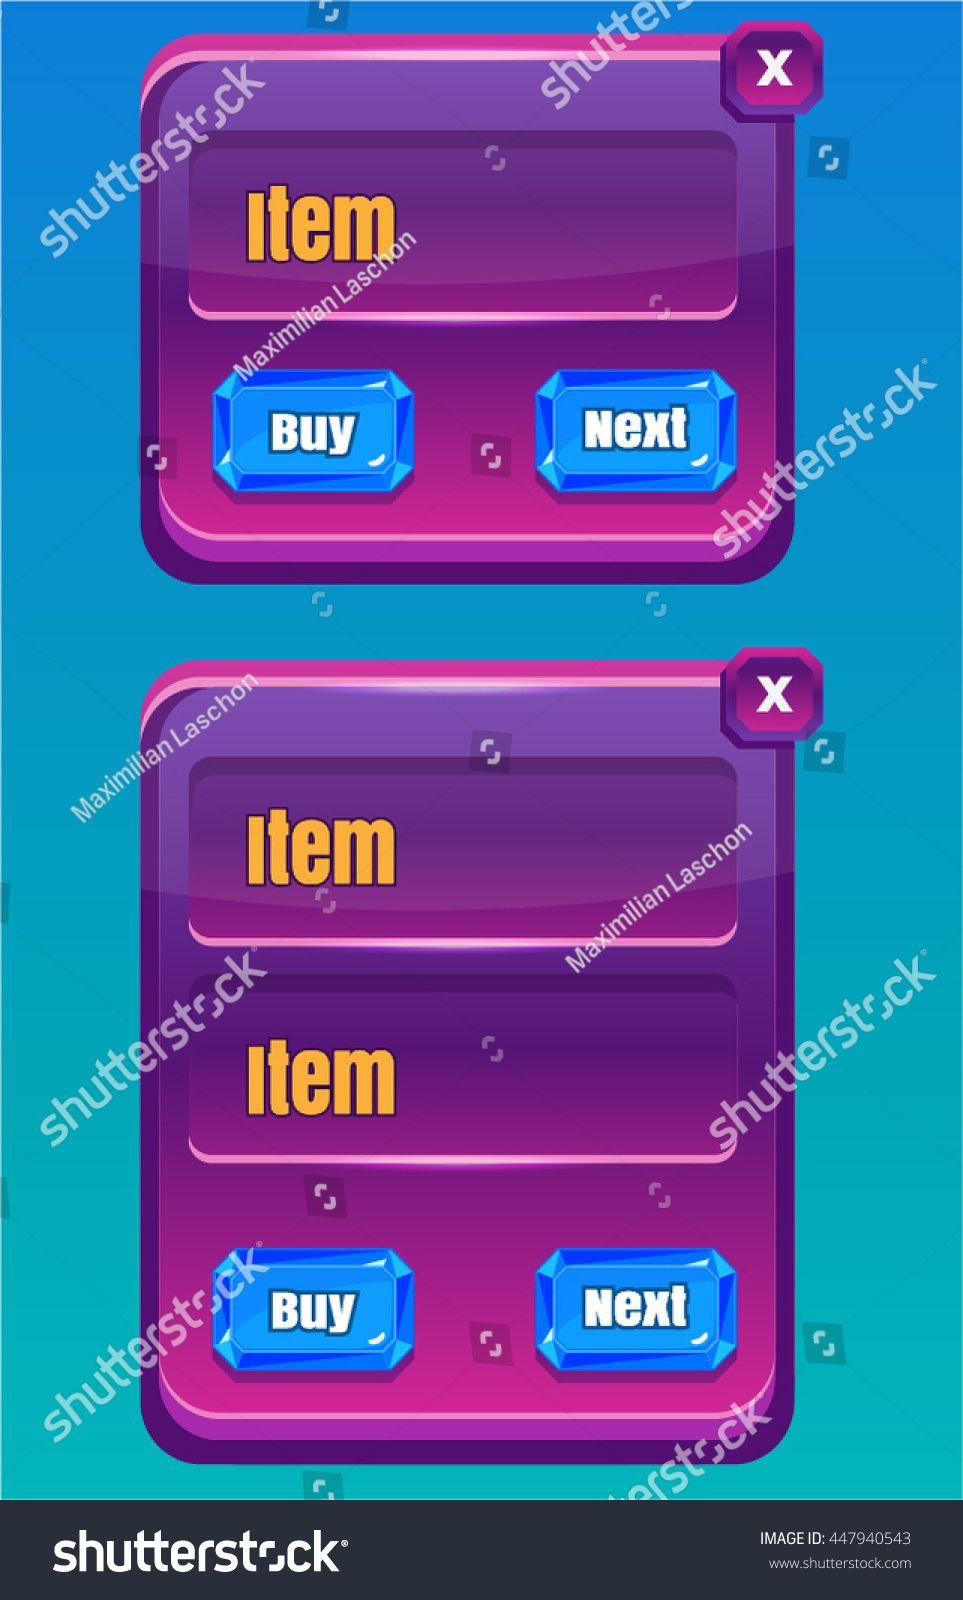 Mobile Game UI/ Asset Reskin | Mobile Game User Interface